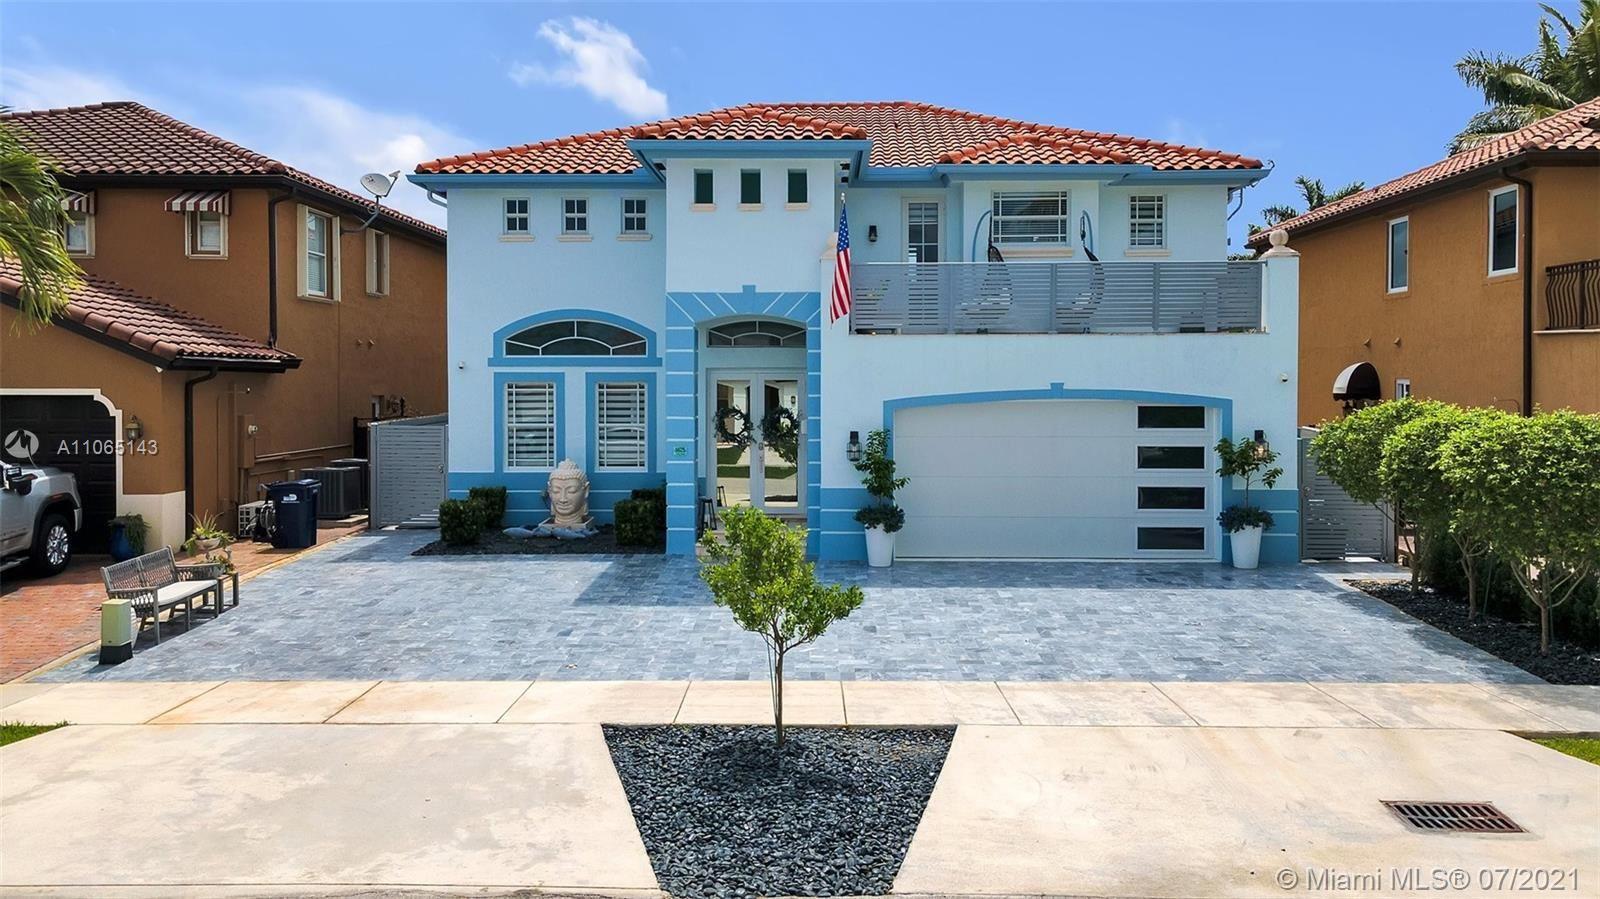 6625 SW 164th Ave, Miami, FL 33193 - #: A11065143